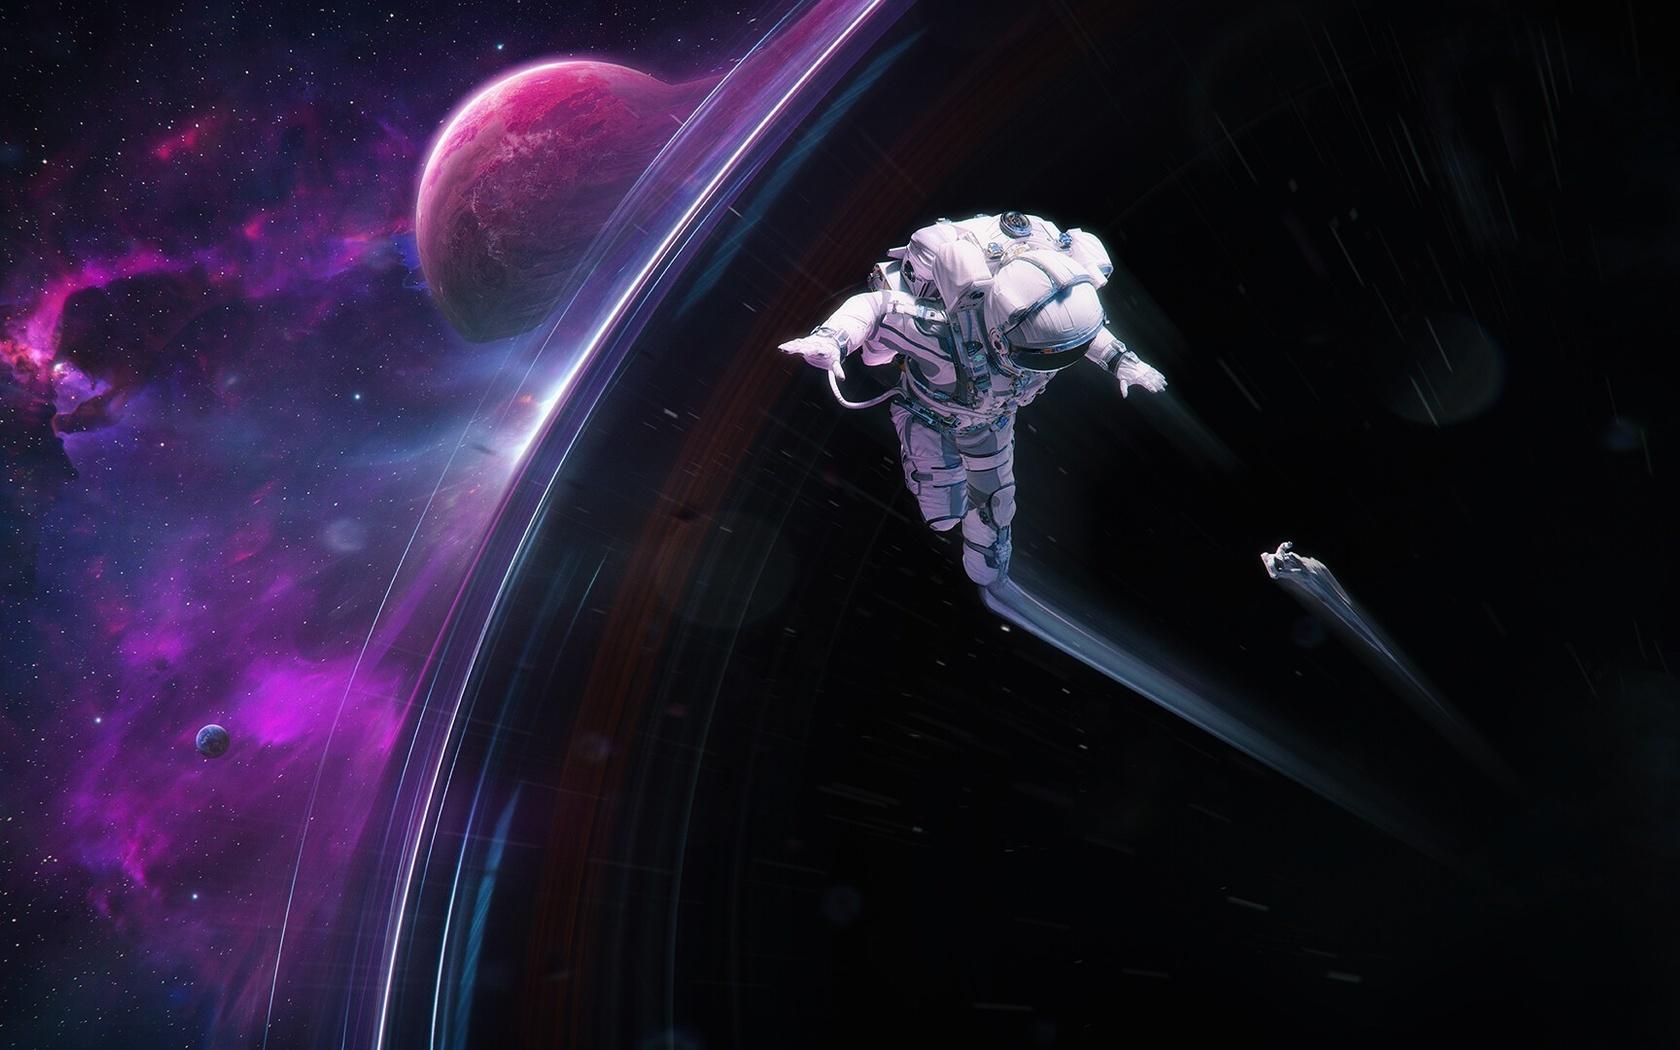 космонавт, планета. цифровое искусство